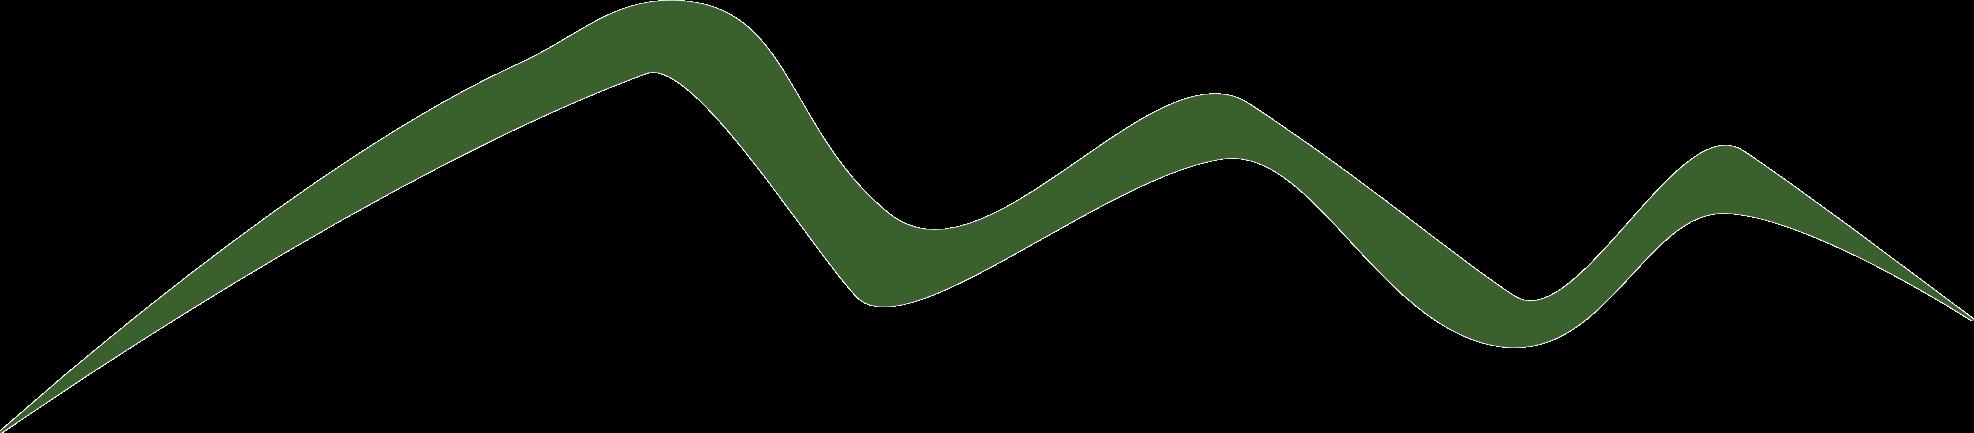 green mountain illustration